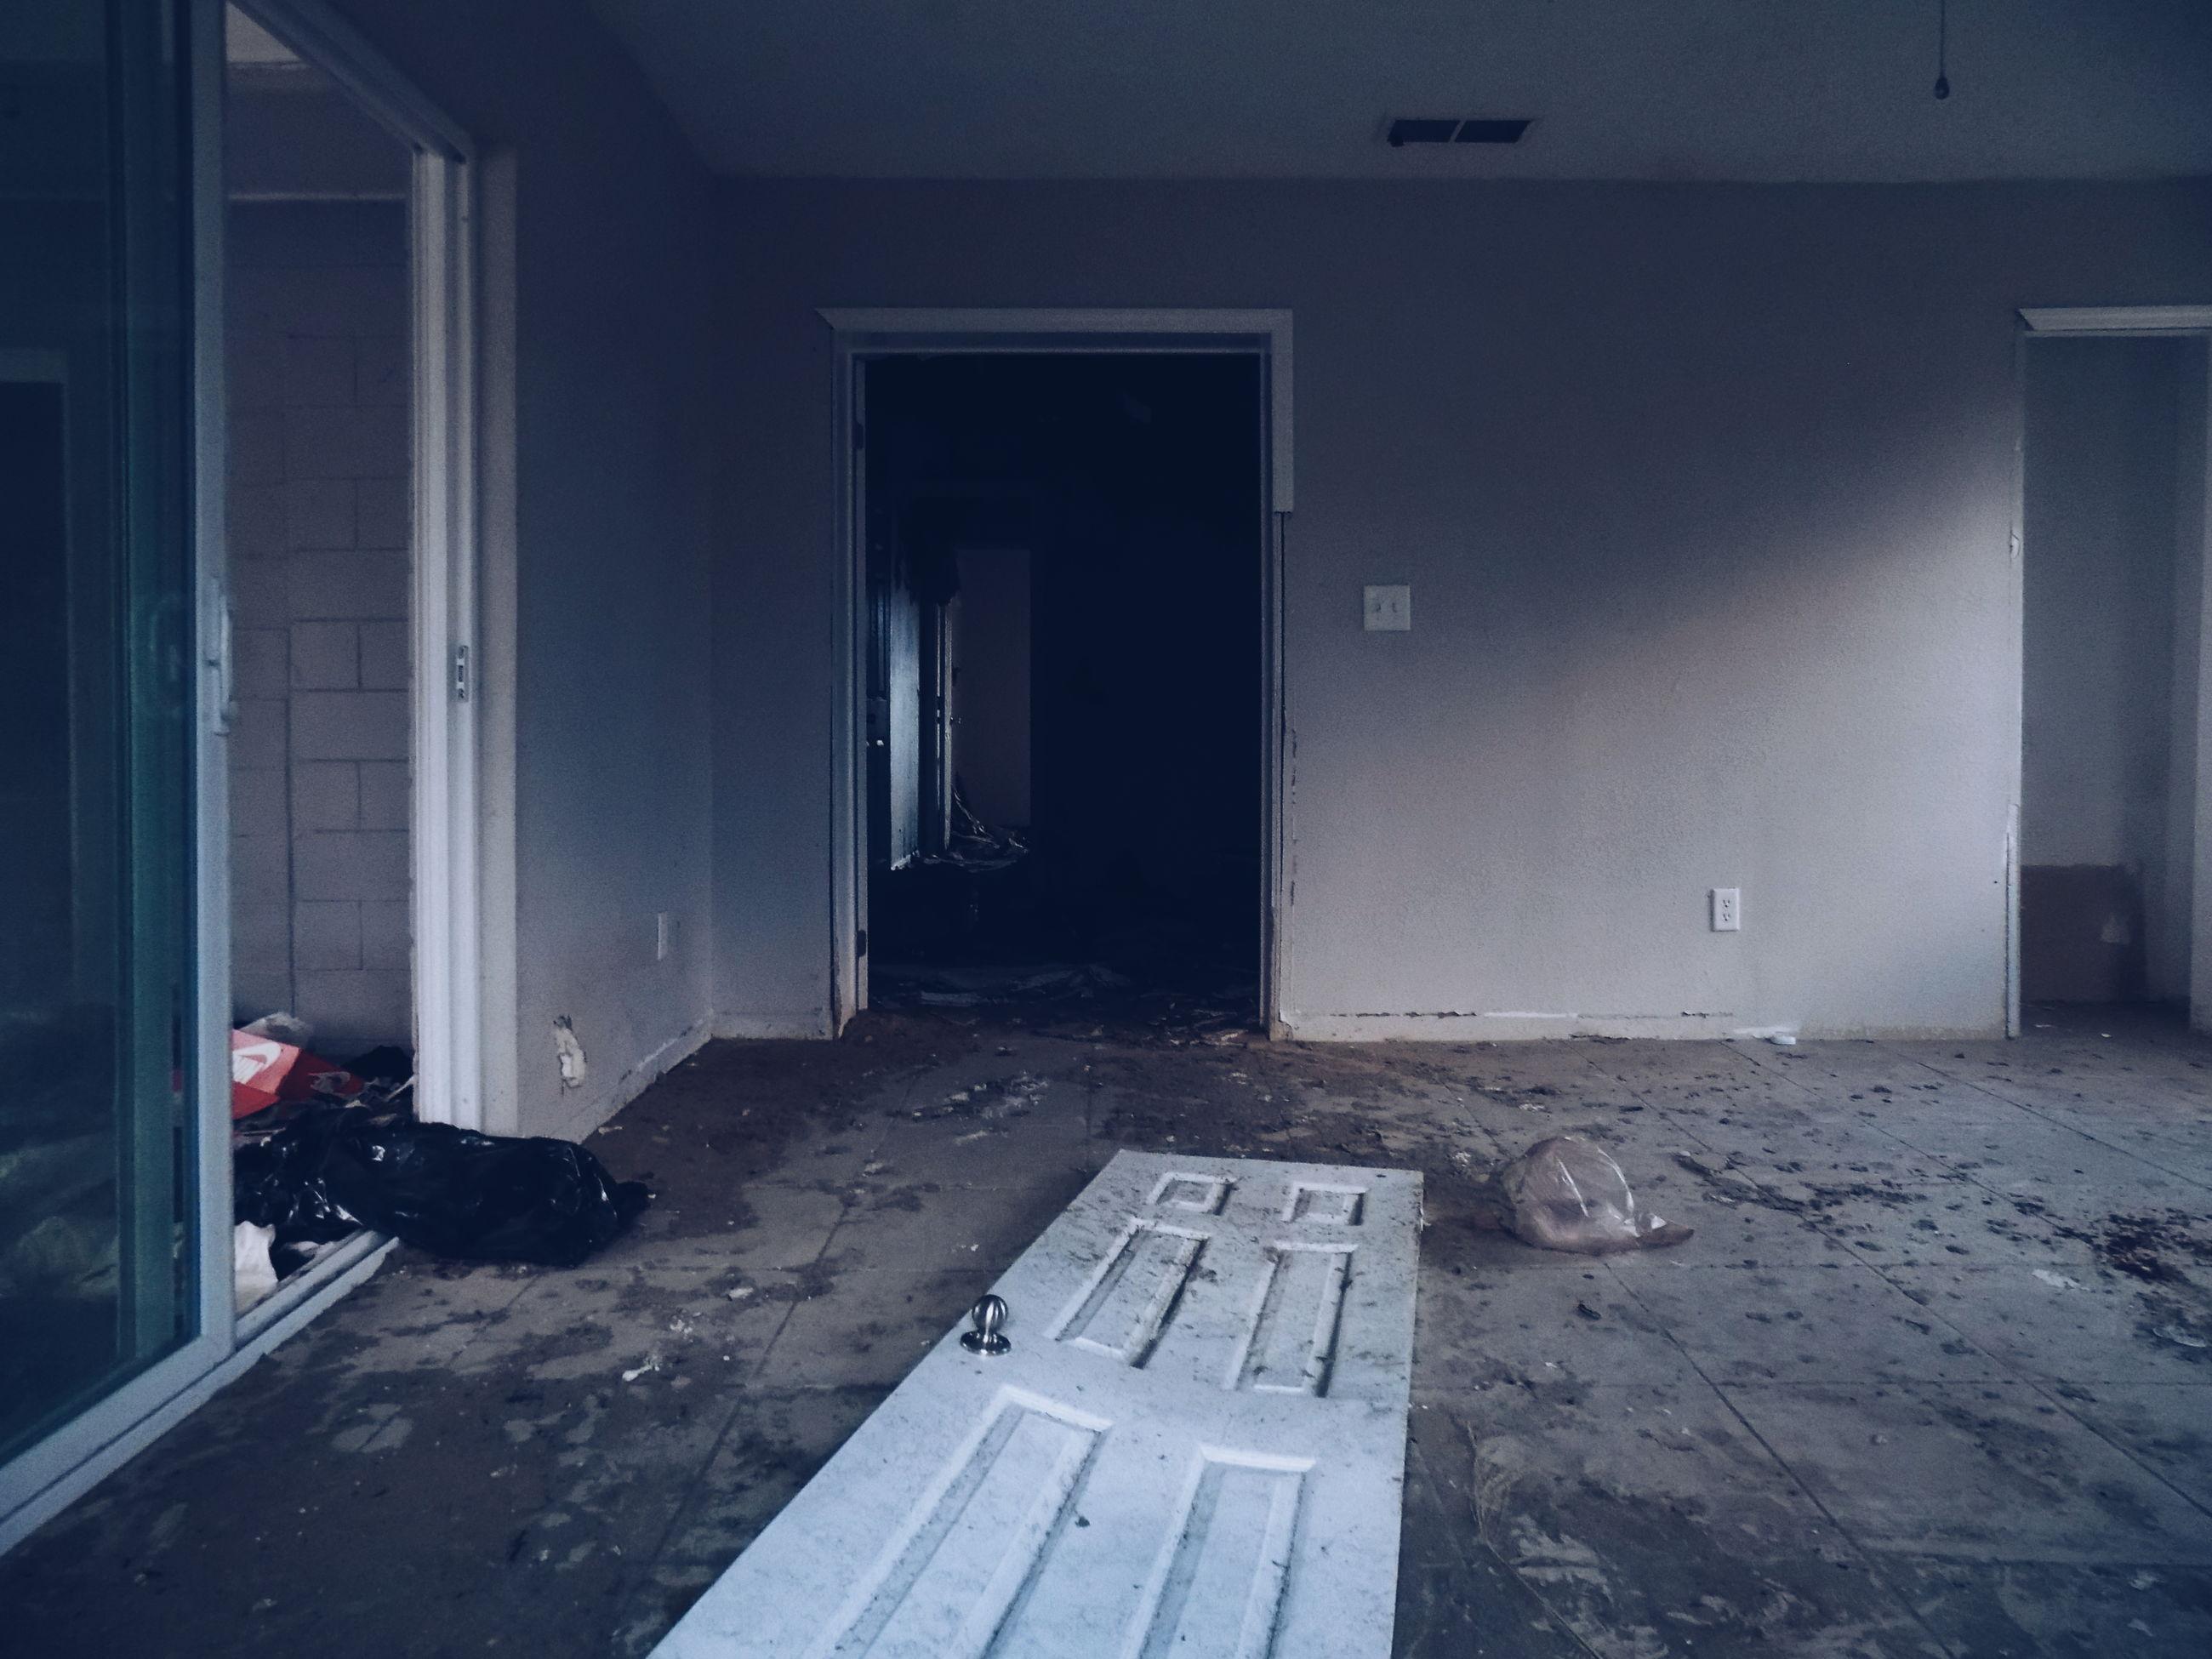 MAN WITH OPEN DOOR ON BUILDING